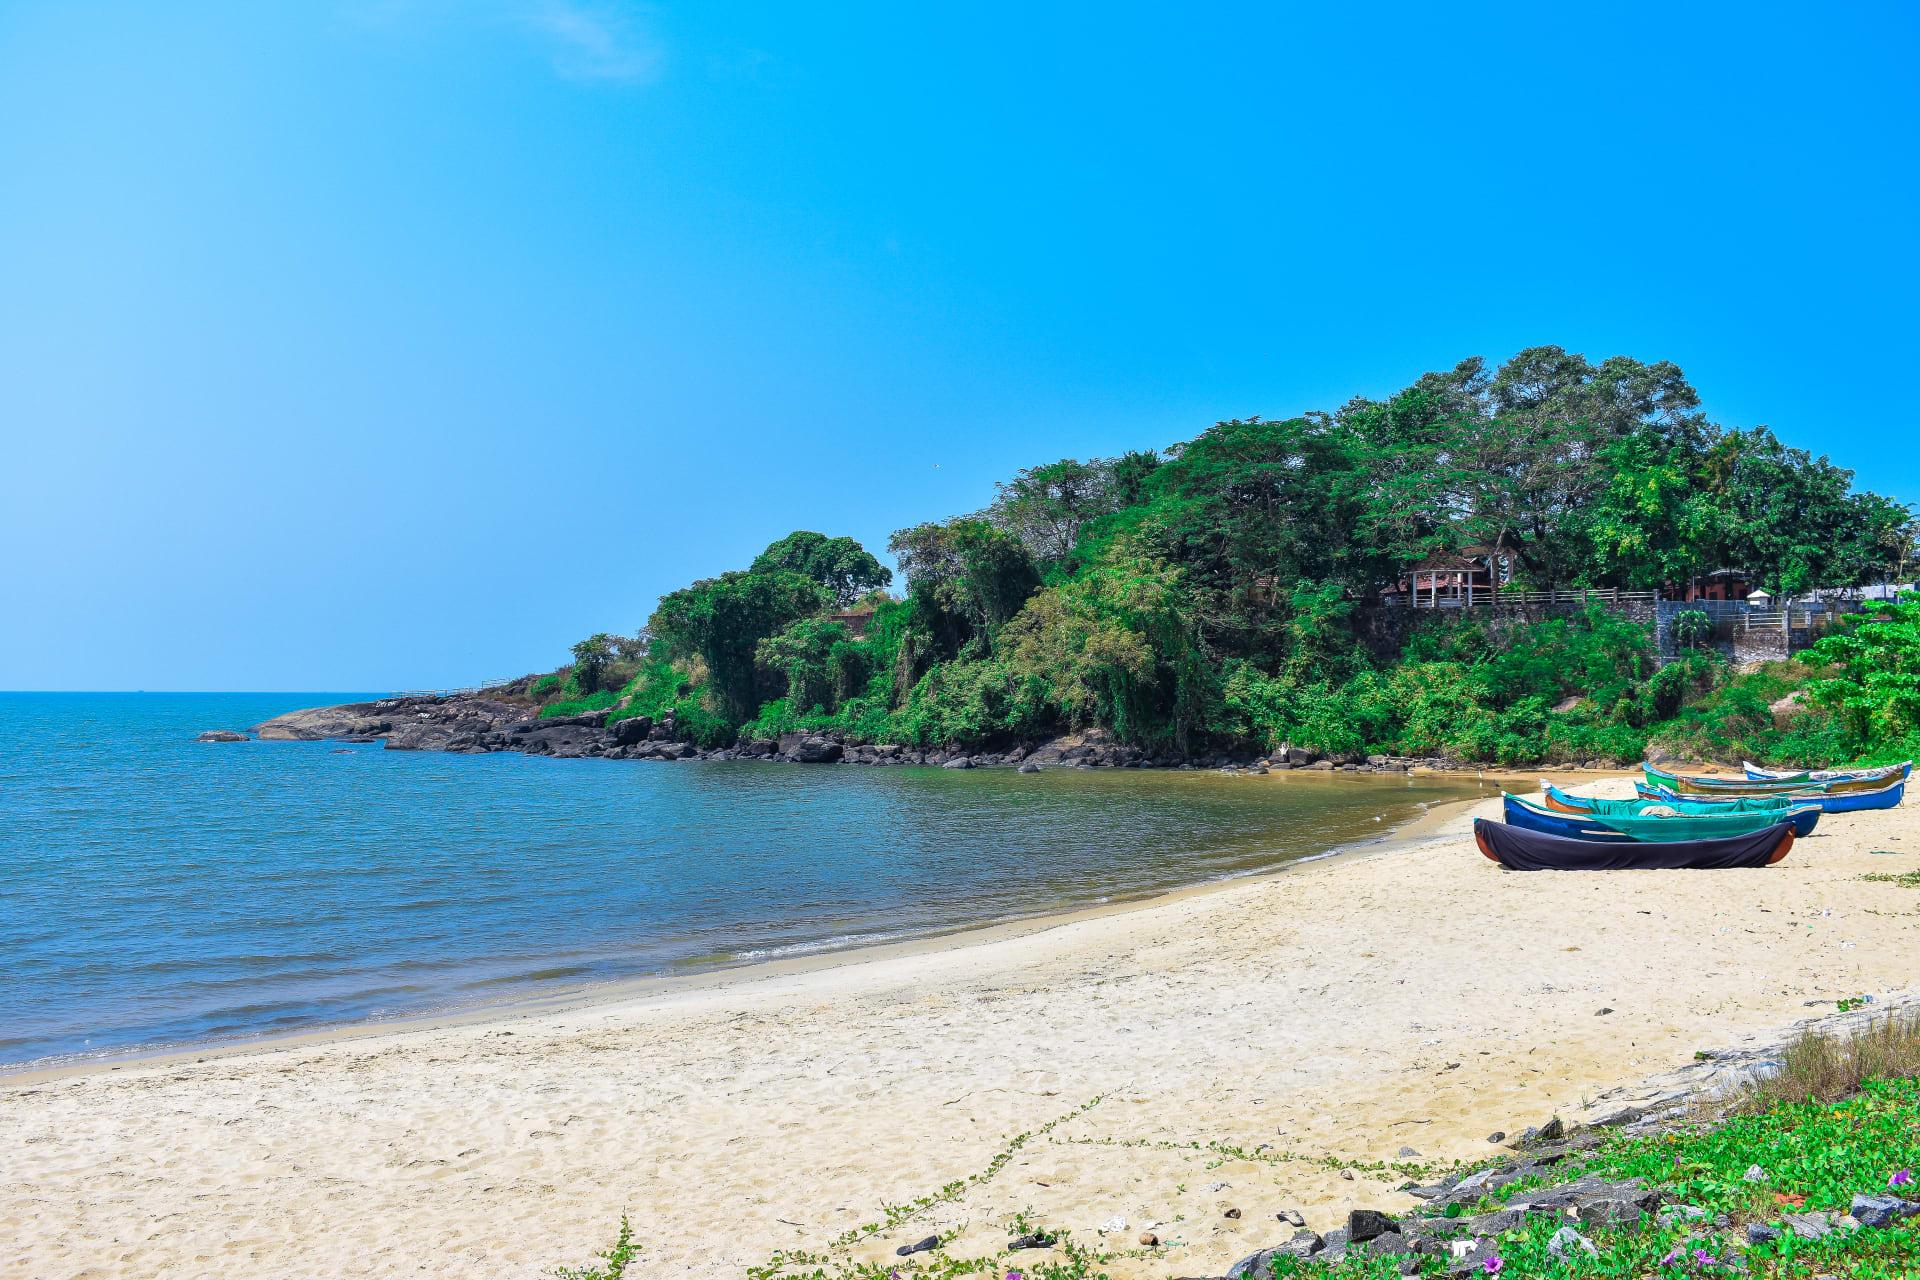 Kerala - Kerala; Kappad Beach; Historic location where Vasco Da Gama Landed